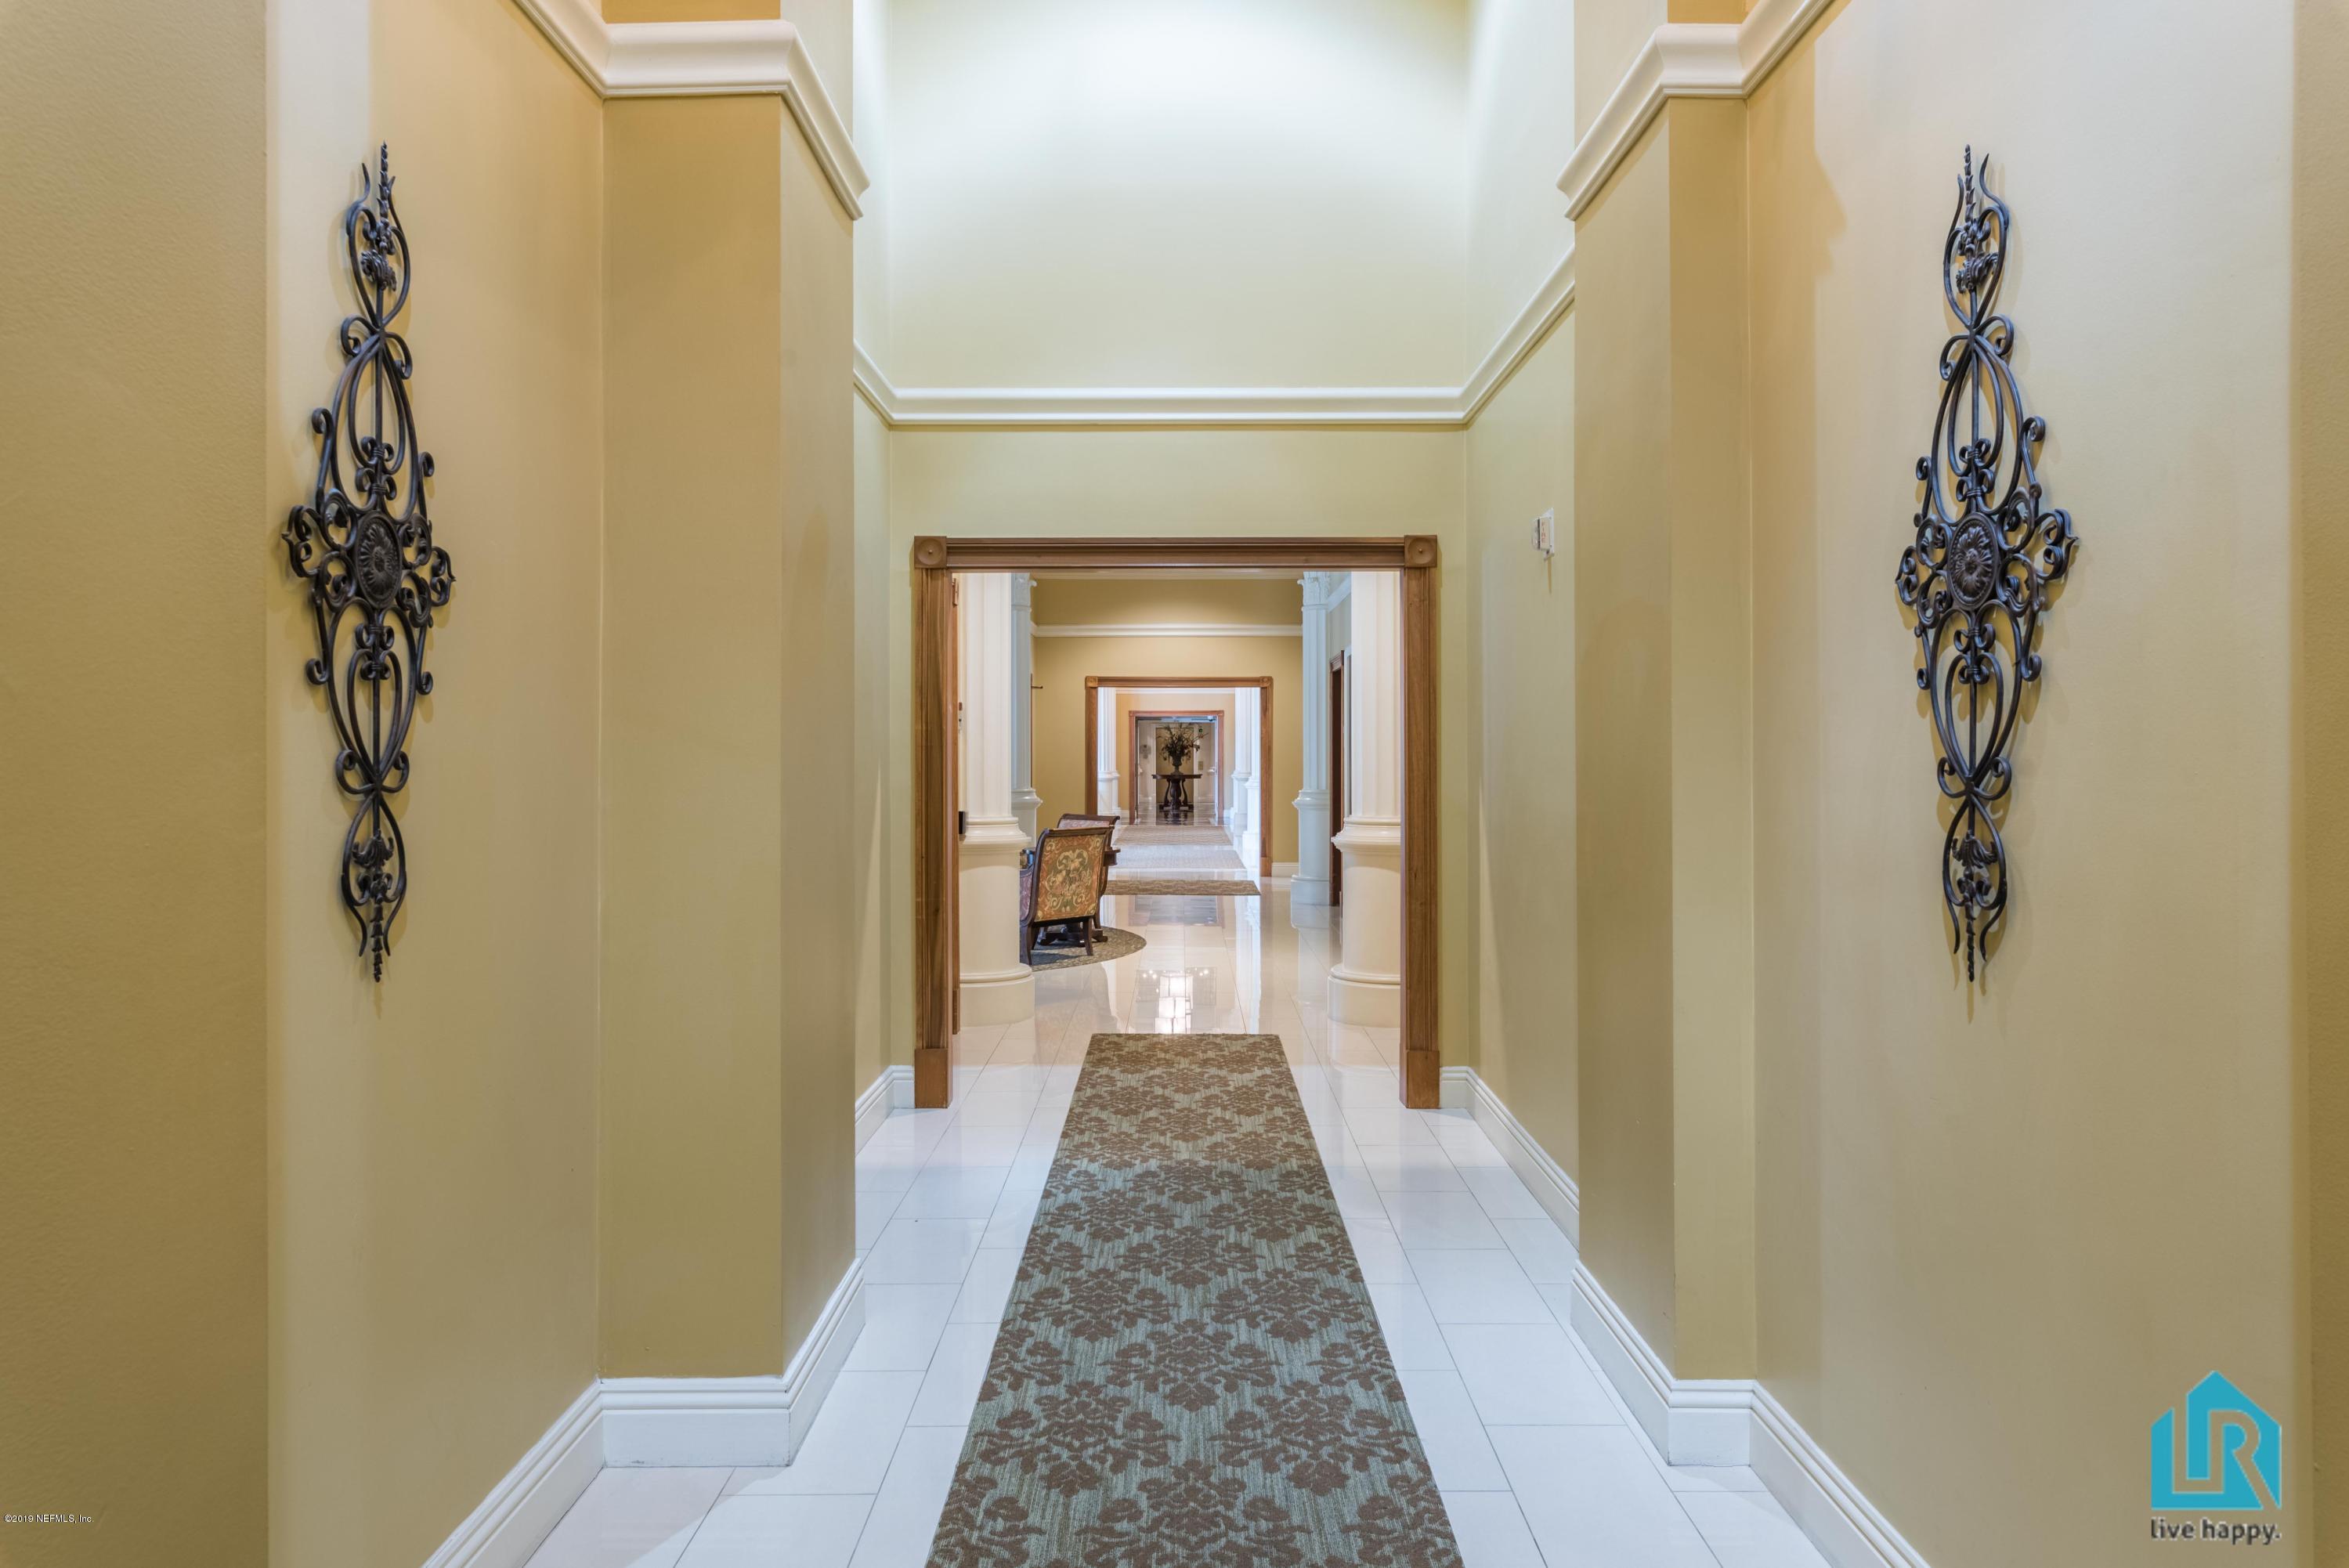 400 BAY- JACKSONVILLE- FLORIDA 32202, 3 Bedrooms Bedrooms, ,2 BathroomsBathrooms,Condo,For sale,BAY,1022116